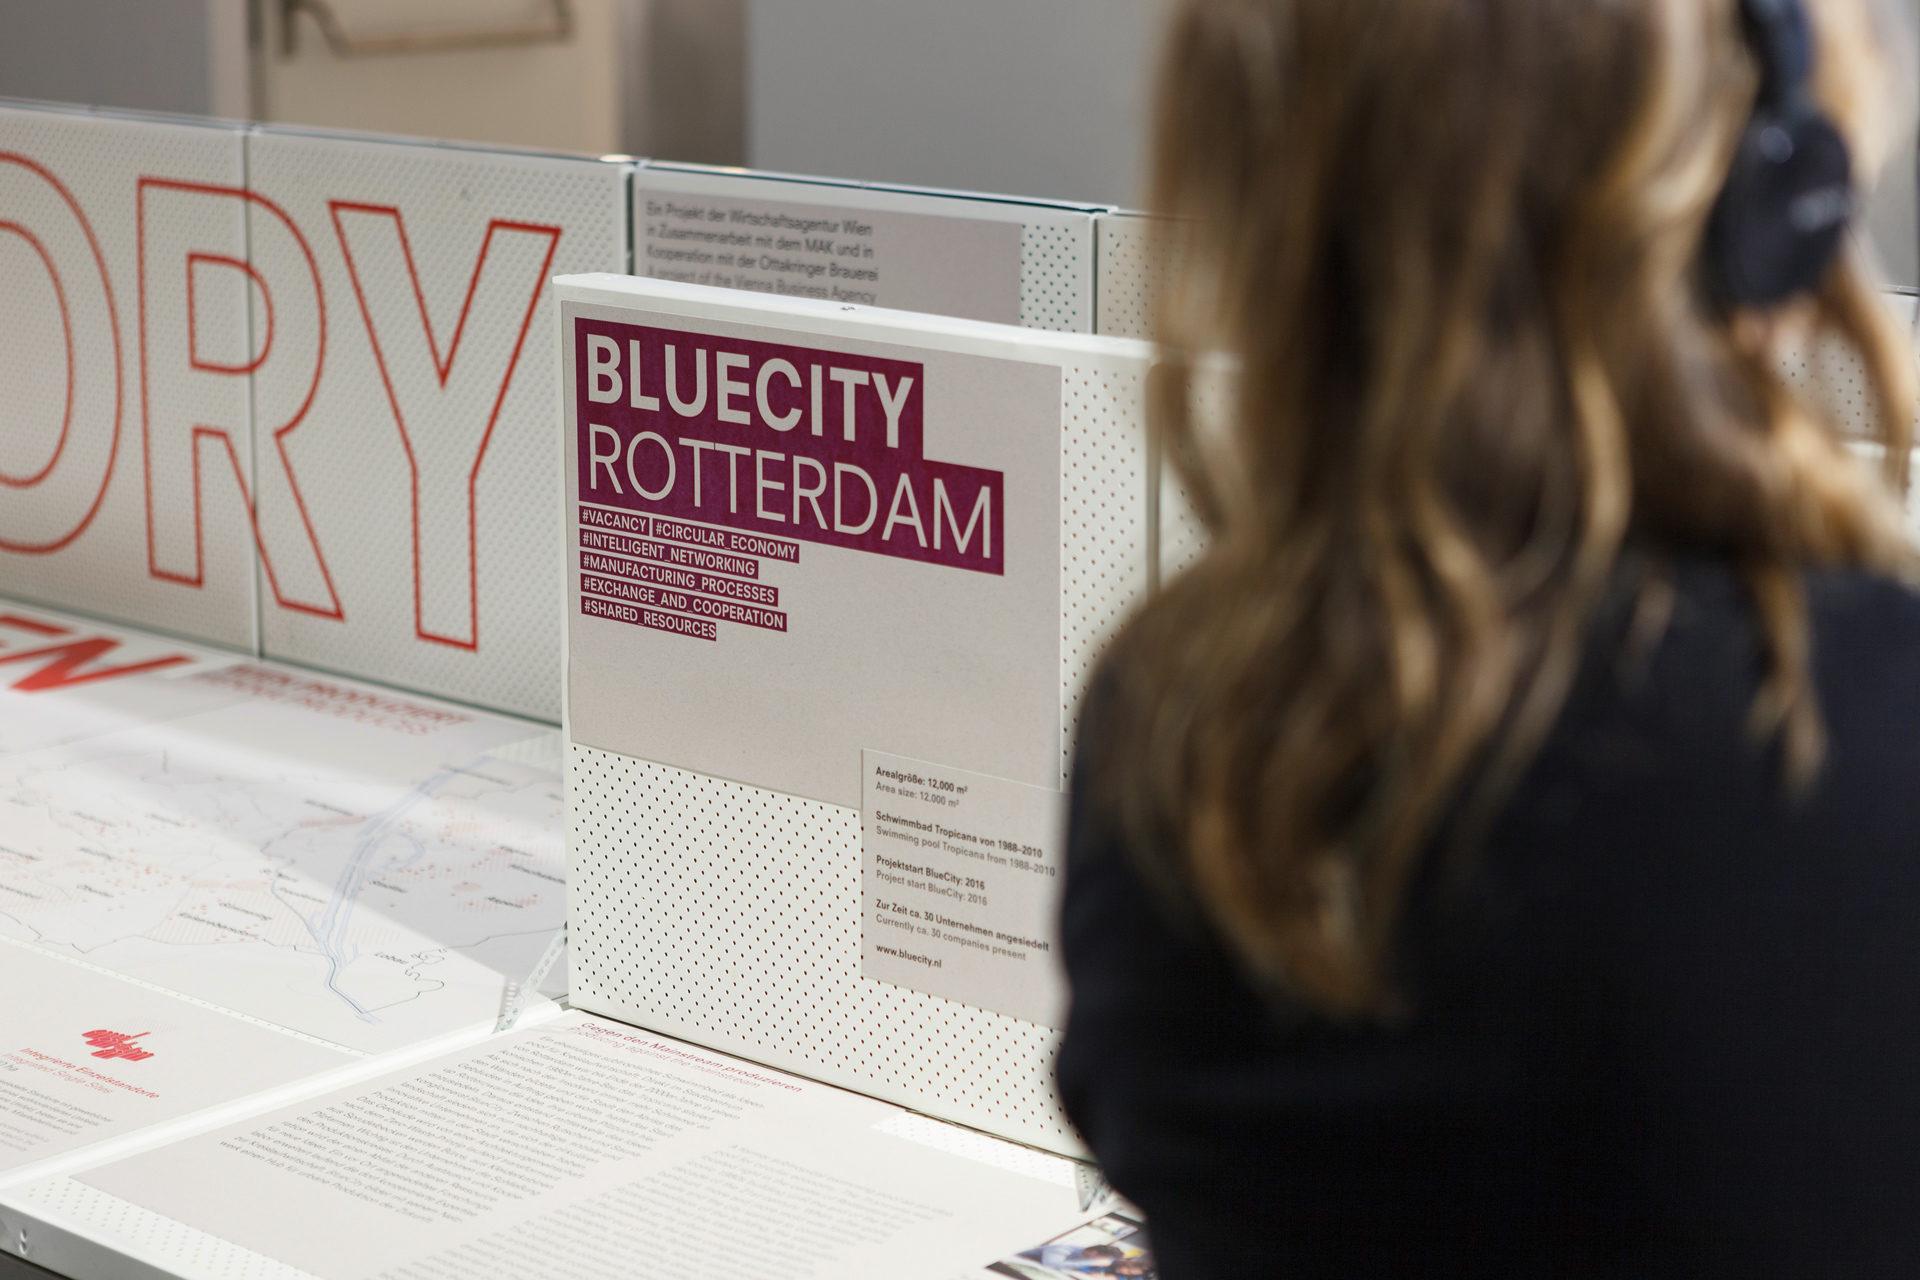 Ausstellungsdetail aus Future Factory mit Projektbeispiel der Bluecity Rotterdam Circular Economy